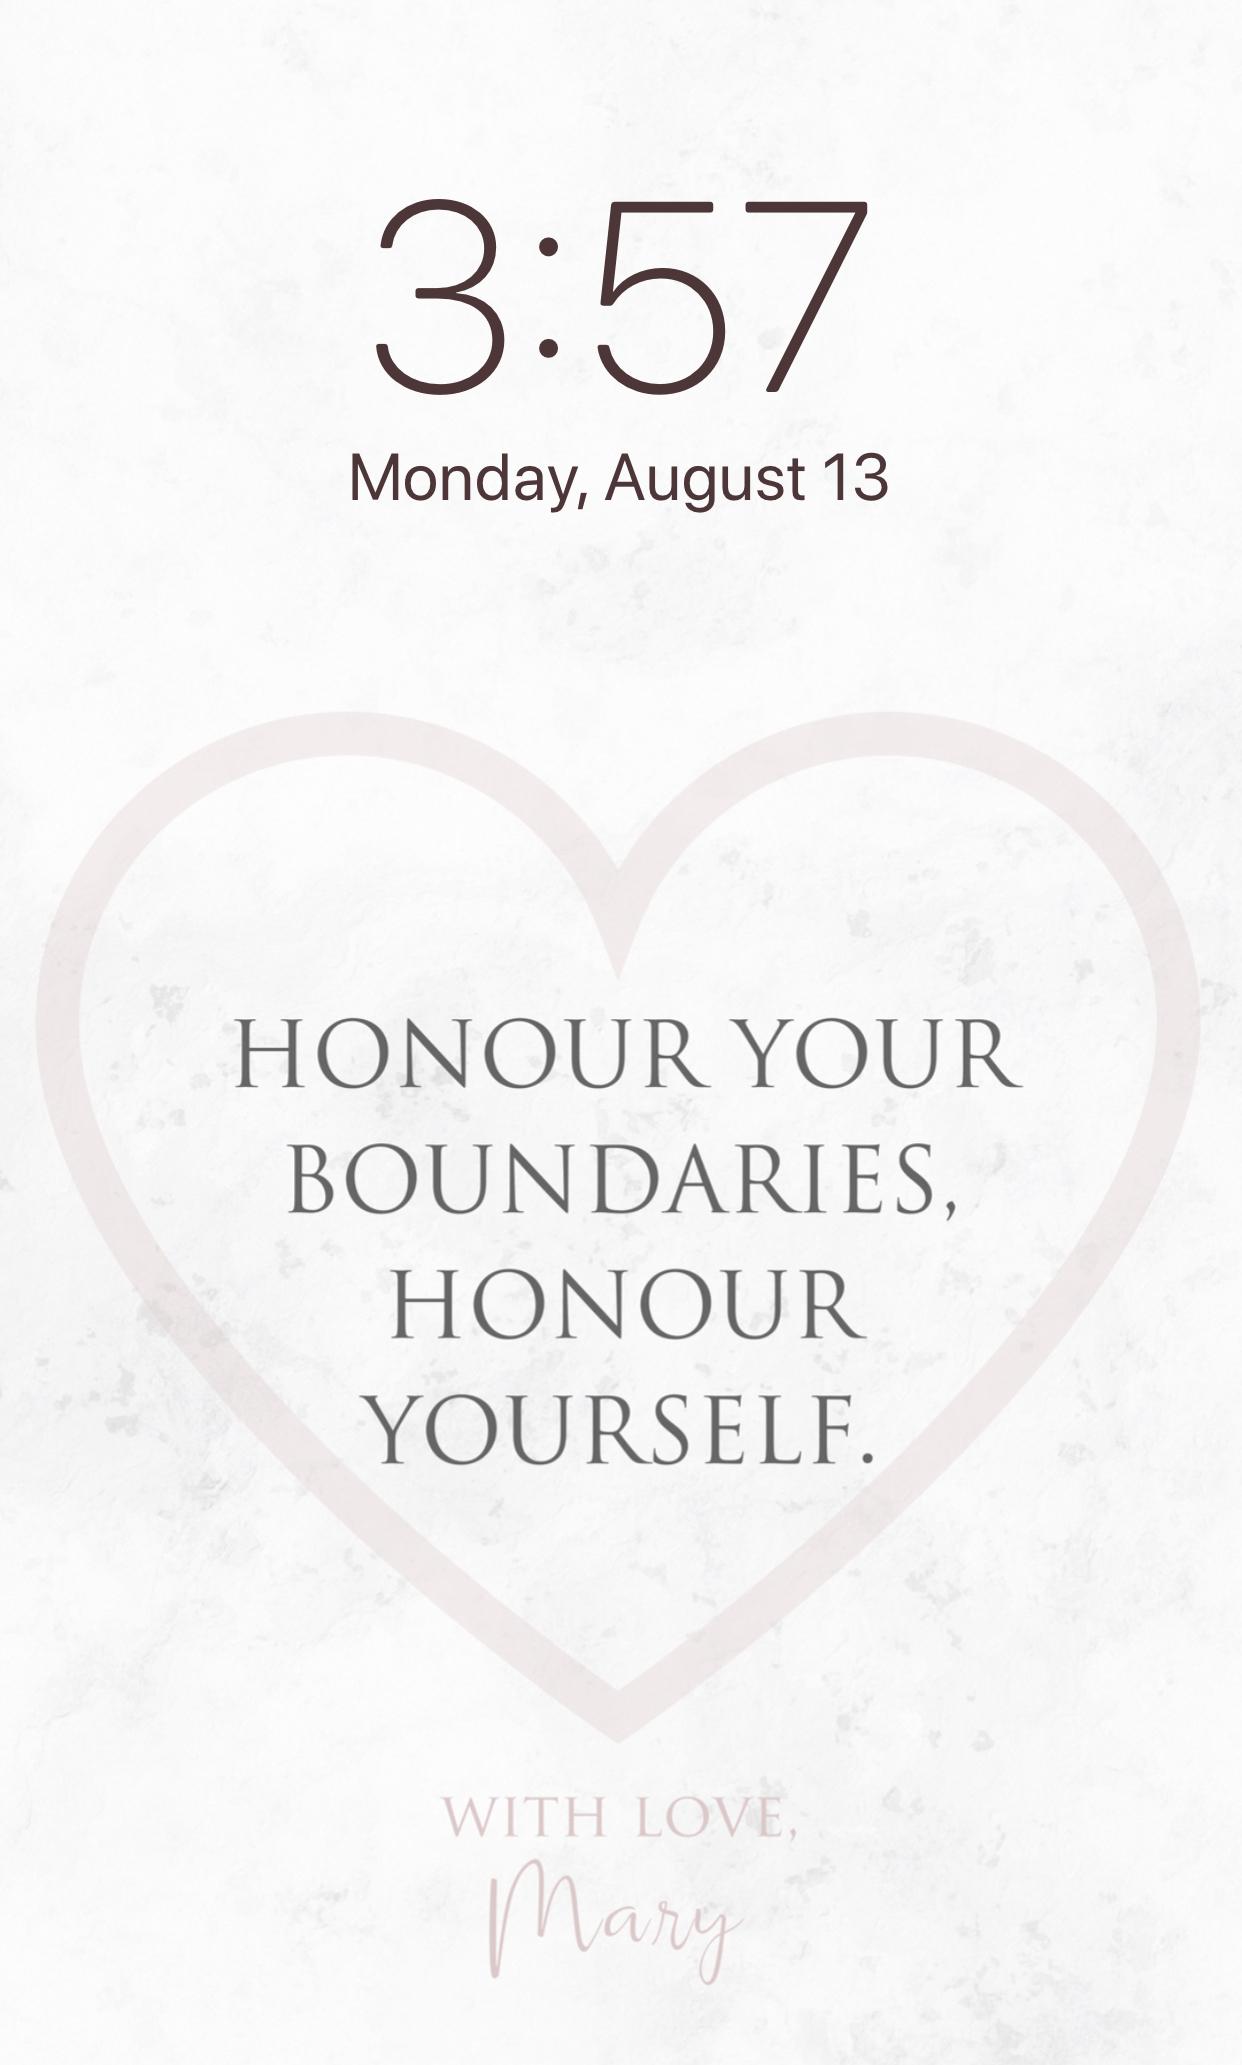 Download the Boundaries Wallpaper